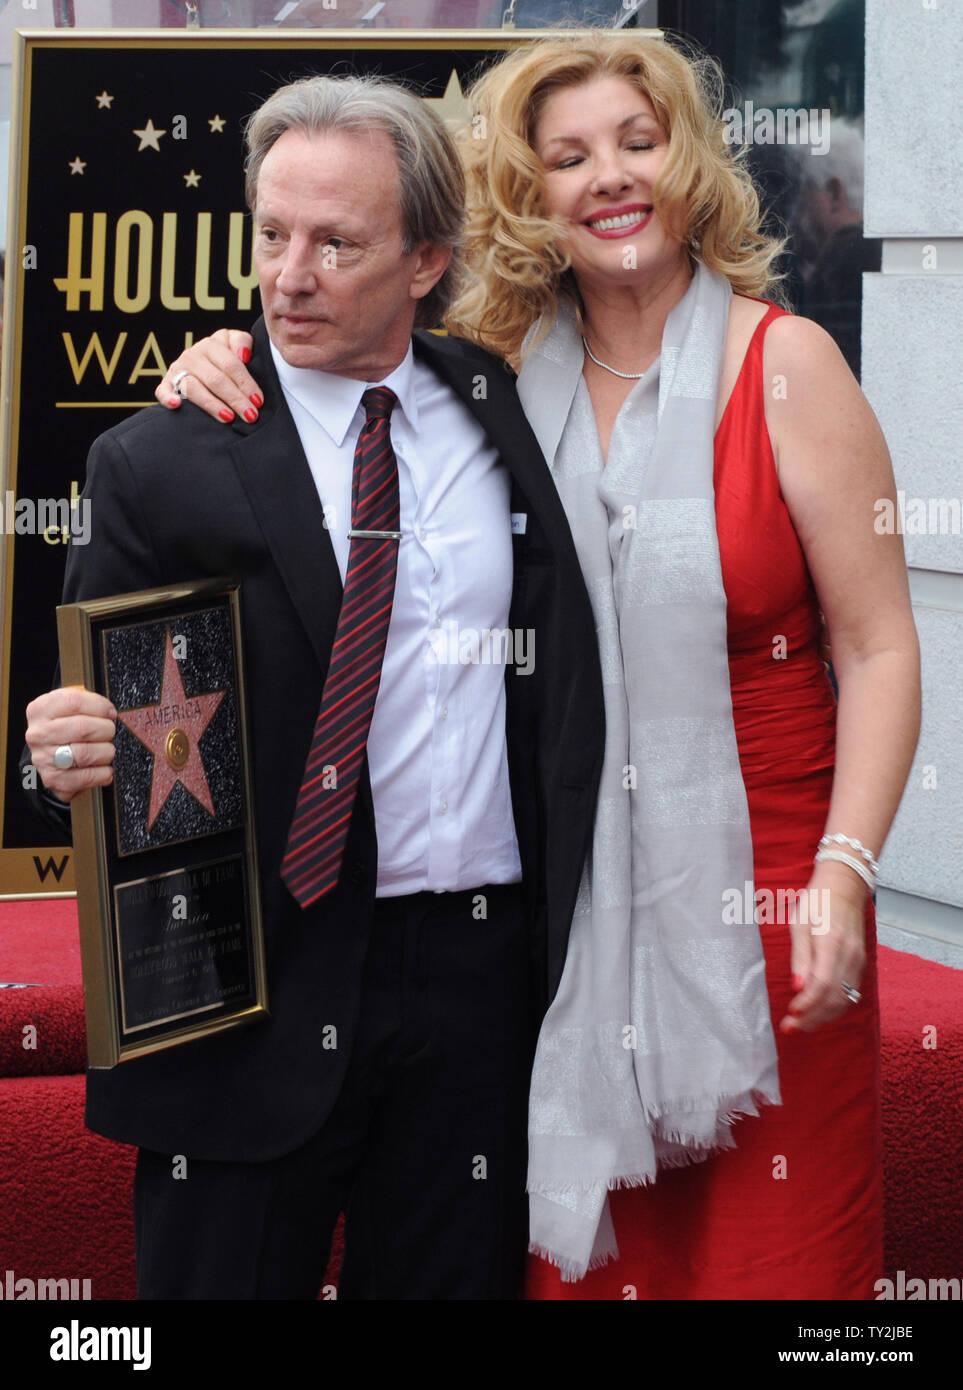 """Dewey Bunnell (L) miembro del grupo de rock clásico y ganador de un premio Grammy, """"el dúo América, sujetar placas de réplicas después del grupo fueron honrados con el 2,459th estrella en el Paseo de la Fama de Hollywood durante una ceremonia en Los Angeles el 6 de febrero de 2012. Bunnell es retratada con su esposa Penny. UPI/Jim Ruymen Imagen De Stock"""